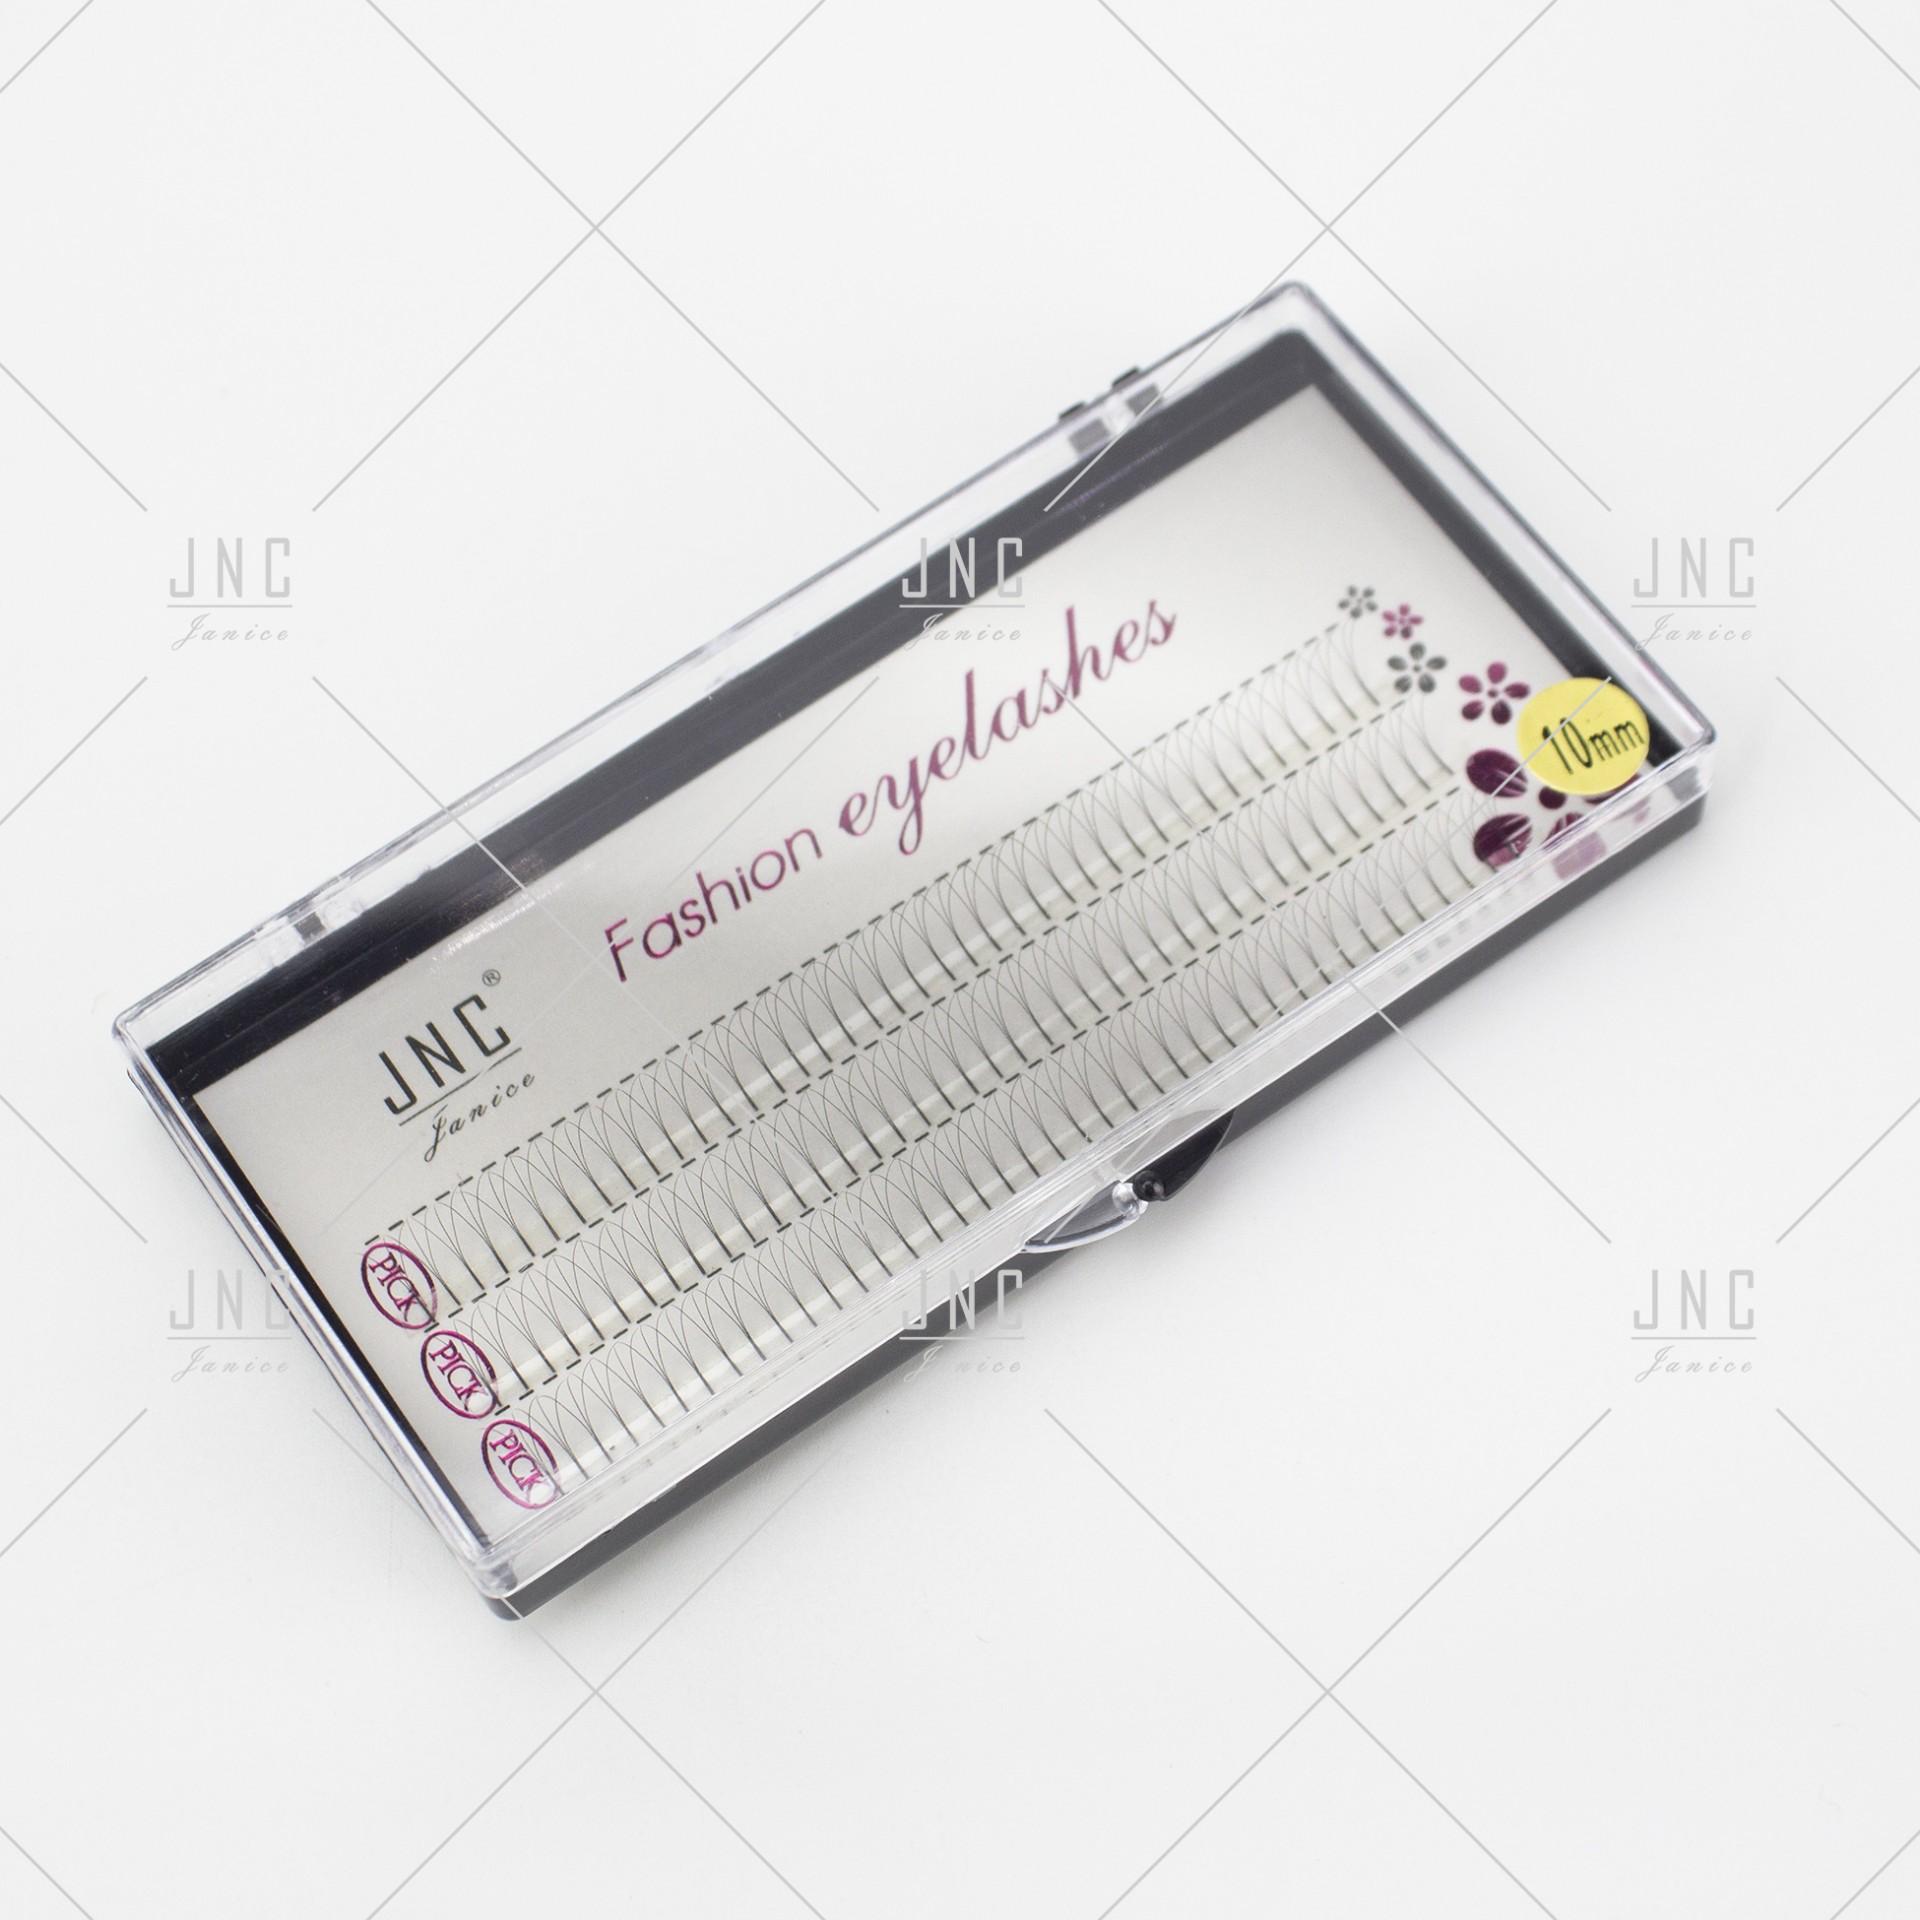 Extensão de Pestanas JNC Tufu 3 - 10mm | Ref.862376